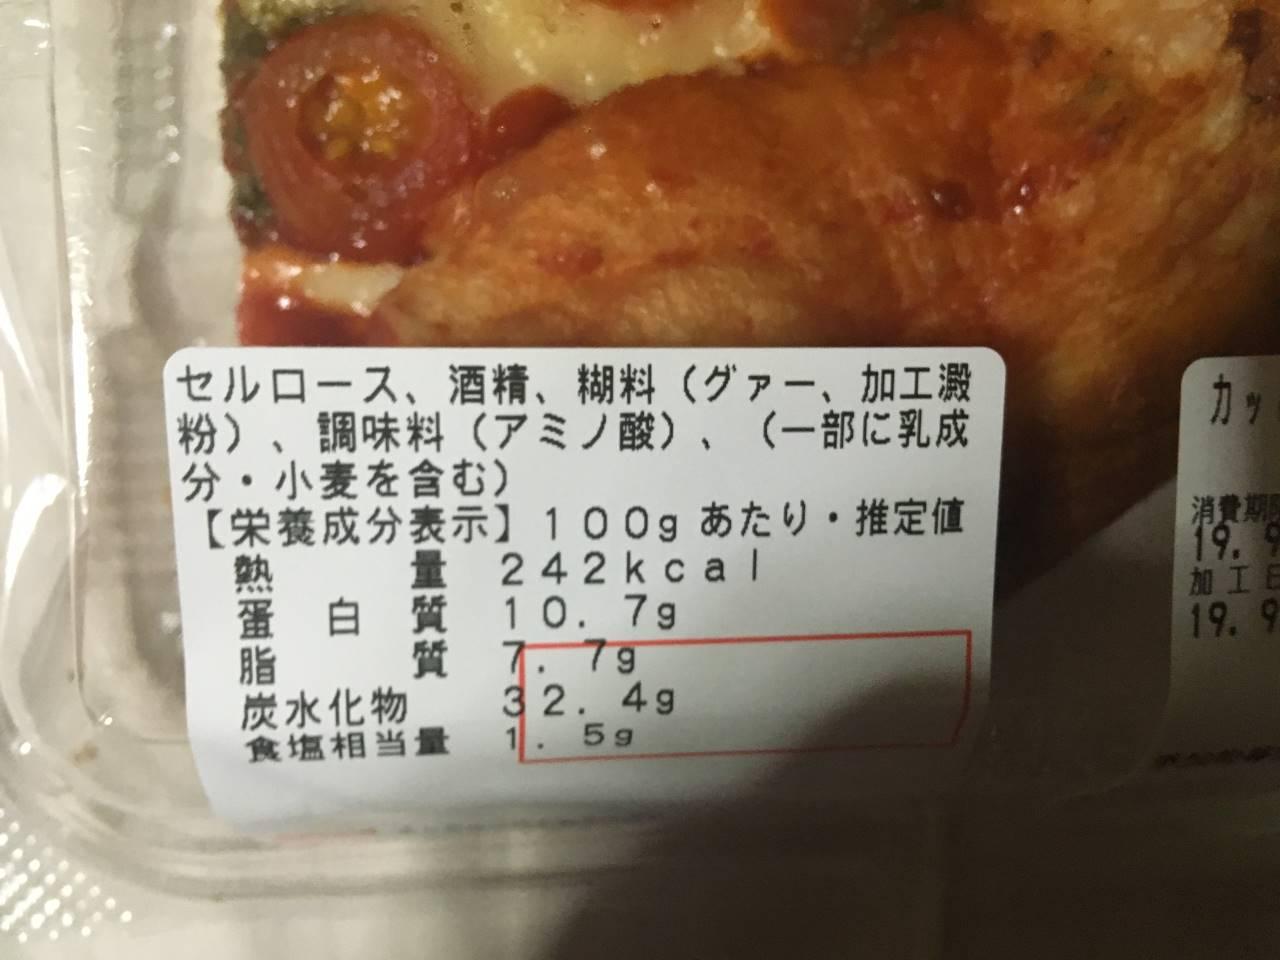 原料と栄養成分:OKのカットピザ チェリートマトのマルゲリータ